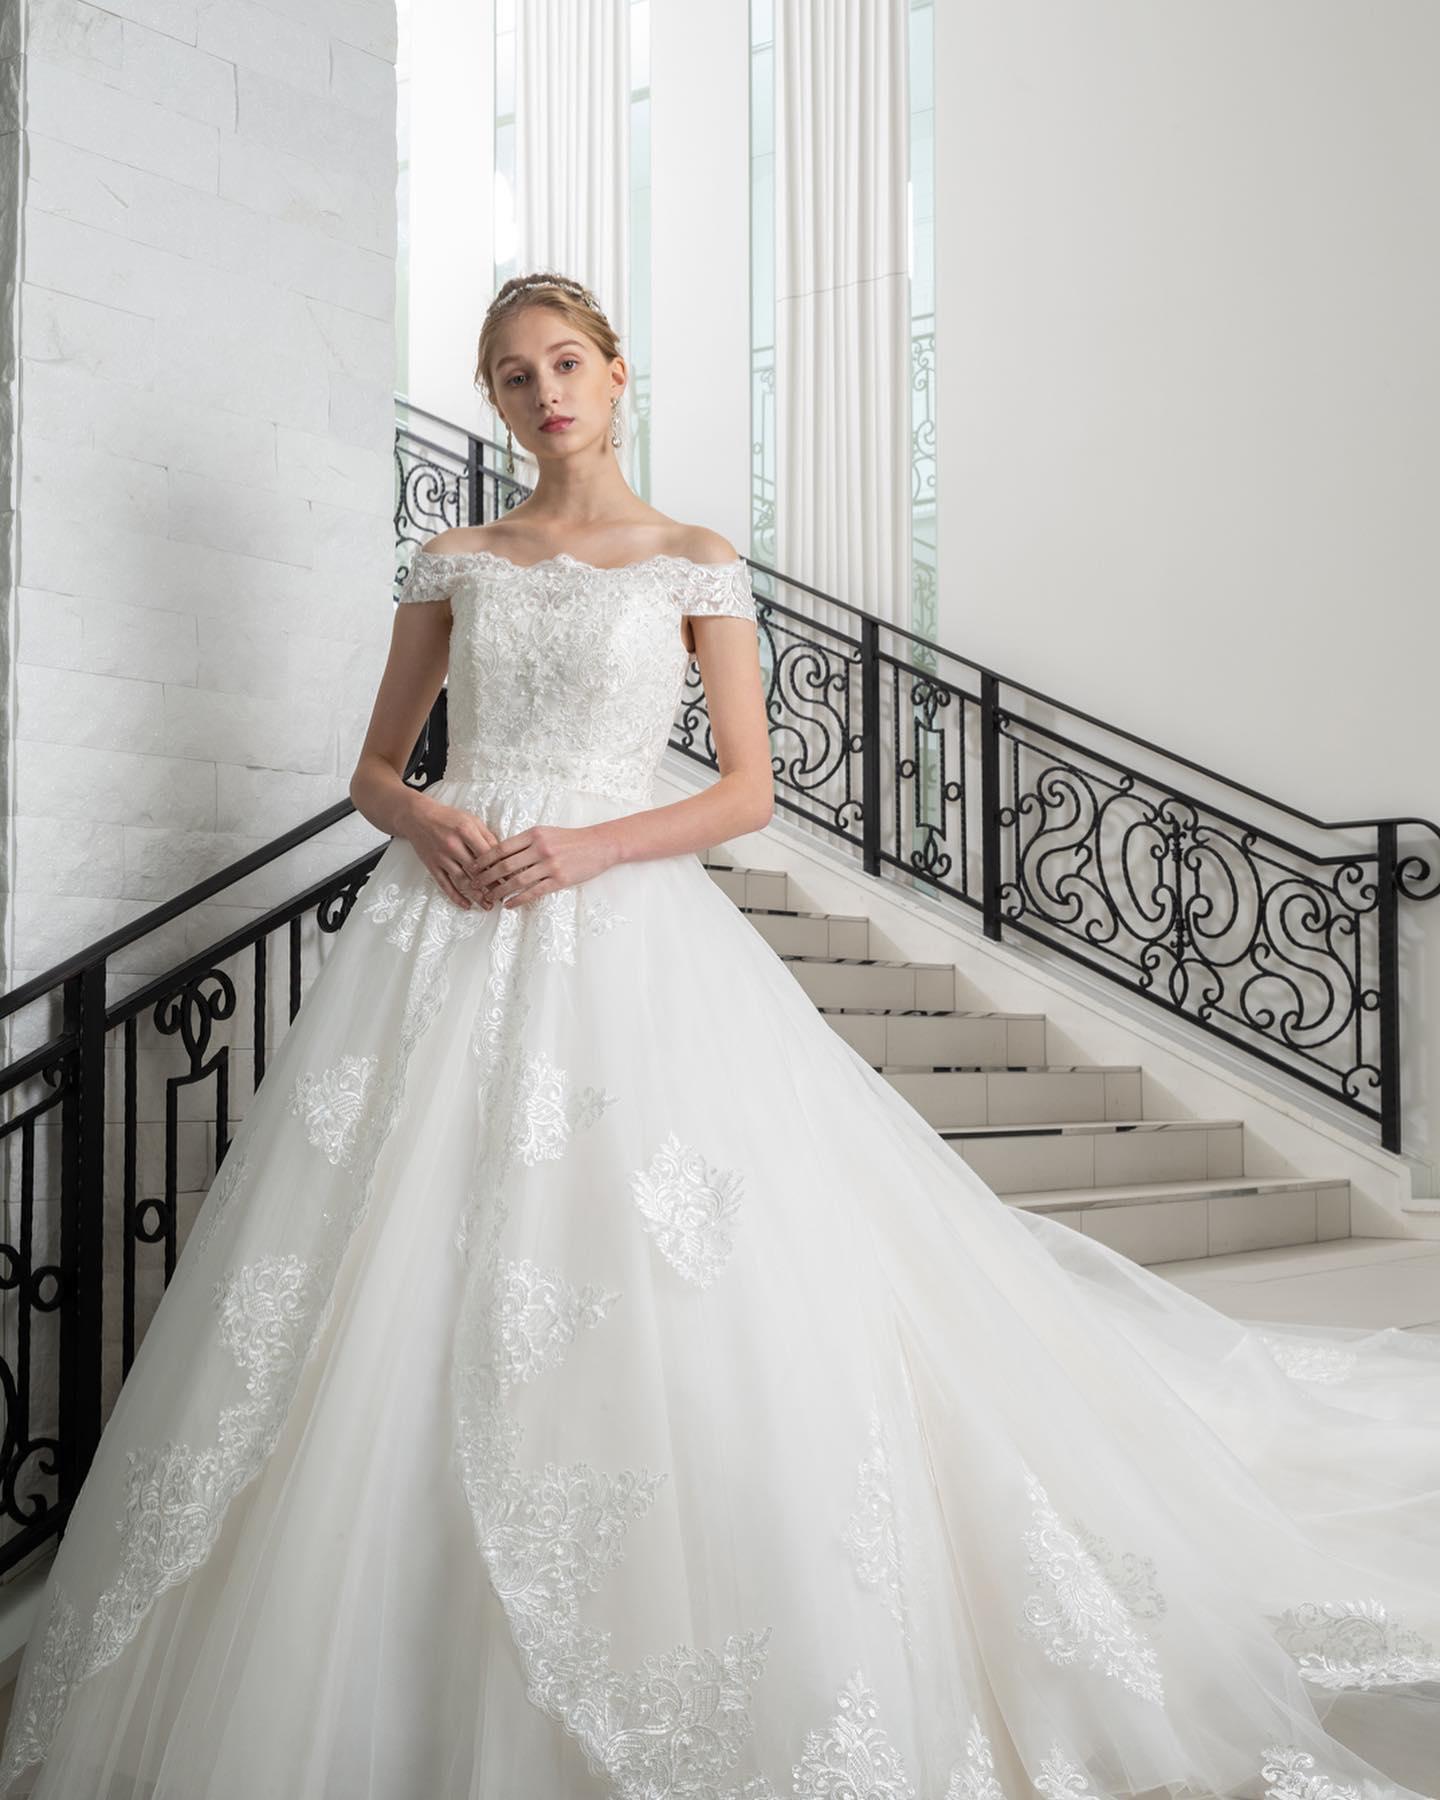 ・今日は久しぶりにウェディングドレスのご紹介🤍・ モチーフをふんだんにあしらったオフショルダーの身頃も美しく華やかな雰囲気オーバースカートを外して使うこともできる2WAYなのも嬉しいポイントシンプルなシルエットでありながら、花嫁様の憧れをつめこんだ夢のあるドレスです・ぜひなりたい花嫁♀️を教えて下さい・VERY KURAUDIA(ベリークラウディア) VK-0236WD1269レンタル料金¥220,000・#wedding #weddingdress #bridalhiro #kiyokohata #anteprema#ウェディングドレス #プレ花嫁 #ドレス試着 #2021冬婚 #ヘアメイク #結婚式  #ドレス選び #前撮り #後撮り #フォトウェディング #ウェディングヘア  #フォト婚 #前撮り写真 #ブライダルフォト #カップルフォト #ウェディングドレス探し #ウェディングドレス試着 #レンタルドレス #ドレスショップ #家族婚 #ブライダルヒロ #ゼクシィ #プリンセスライン #ドレス迷子  #オフショルダー